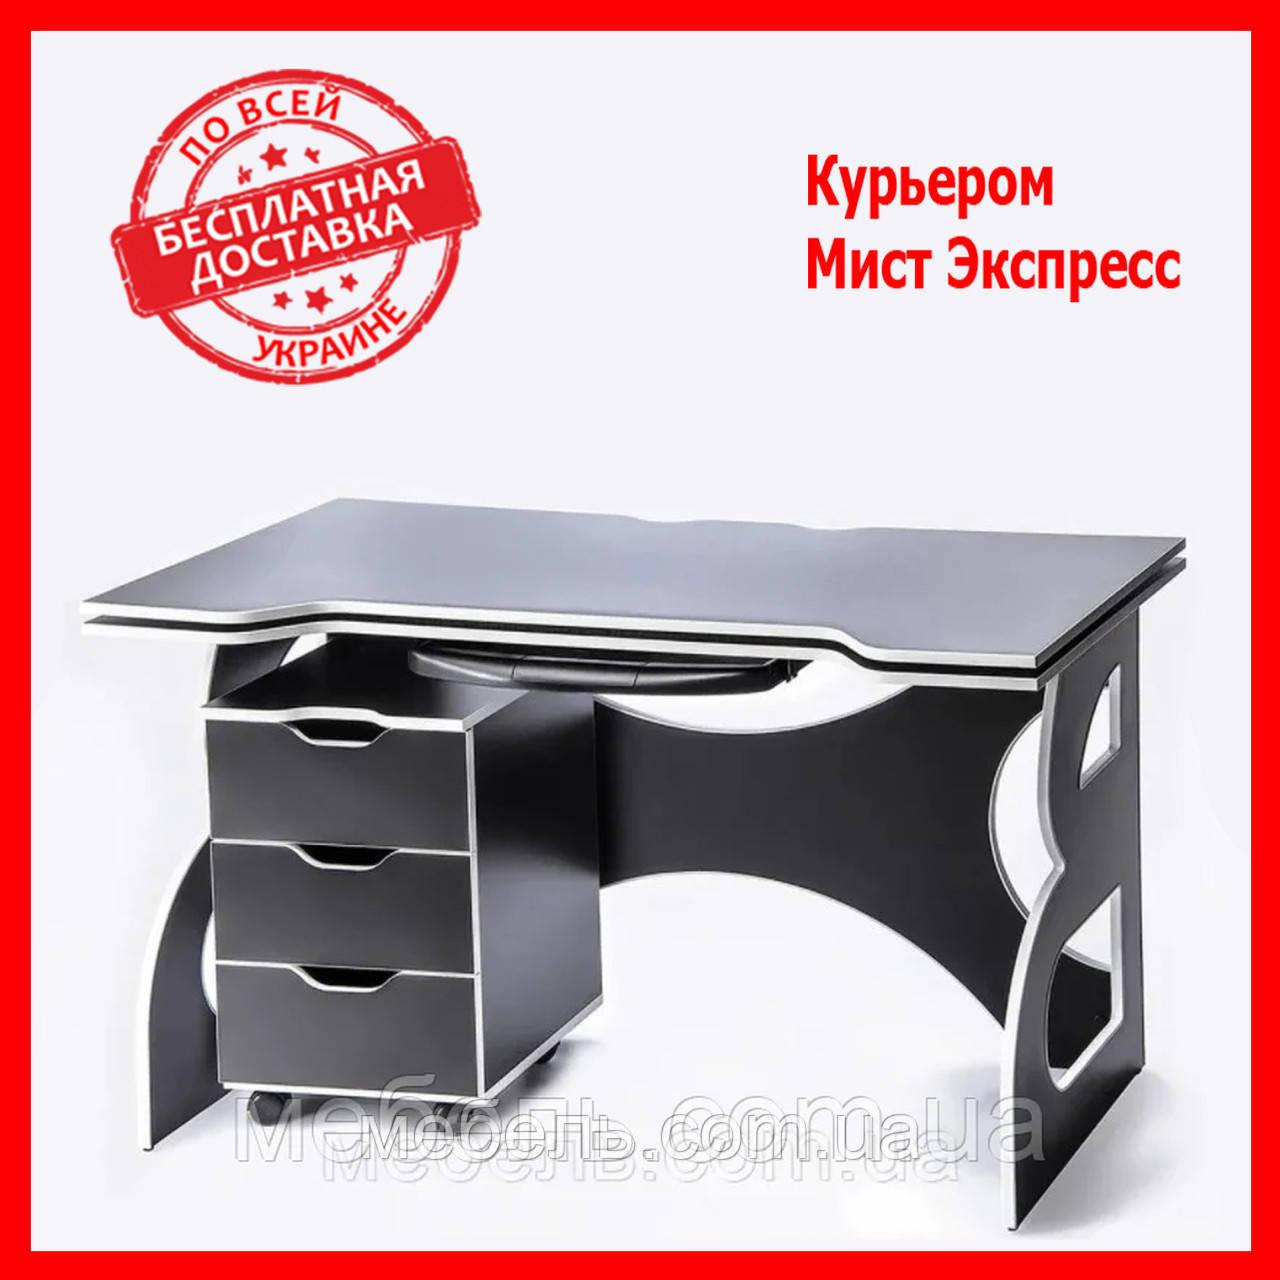 Компьютерный стол  с тумбой Barsky HG-06/LED/CUP-06/ПК-01 Game White, ученическая станция